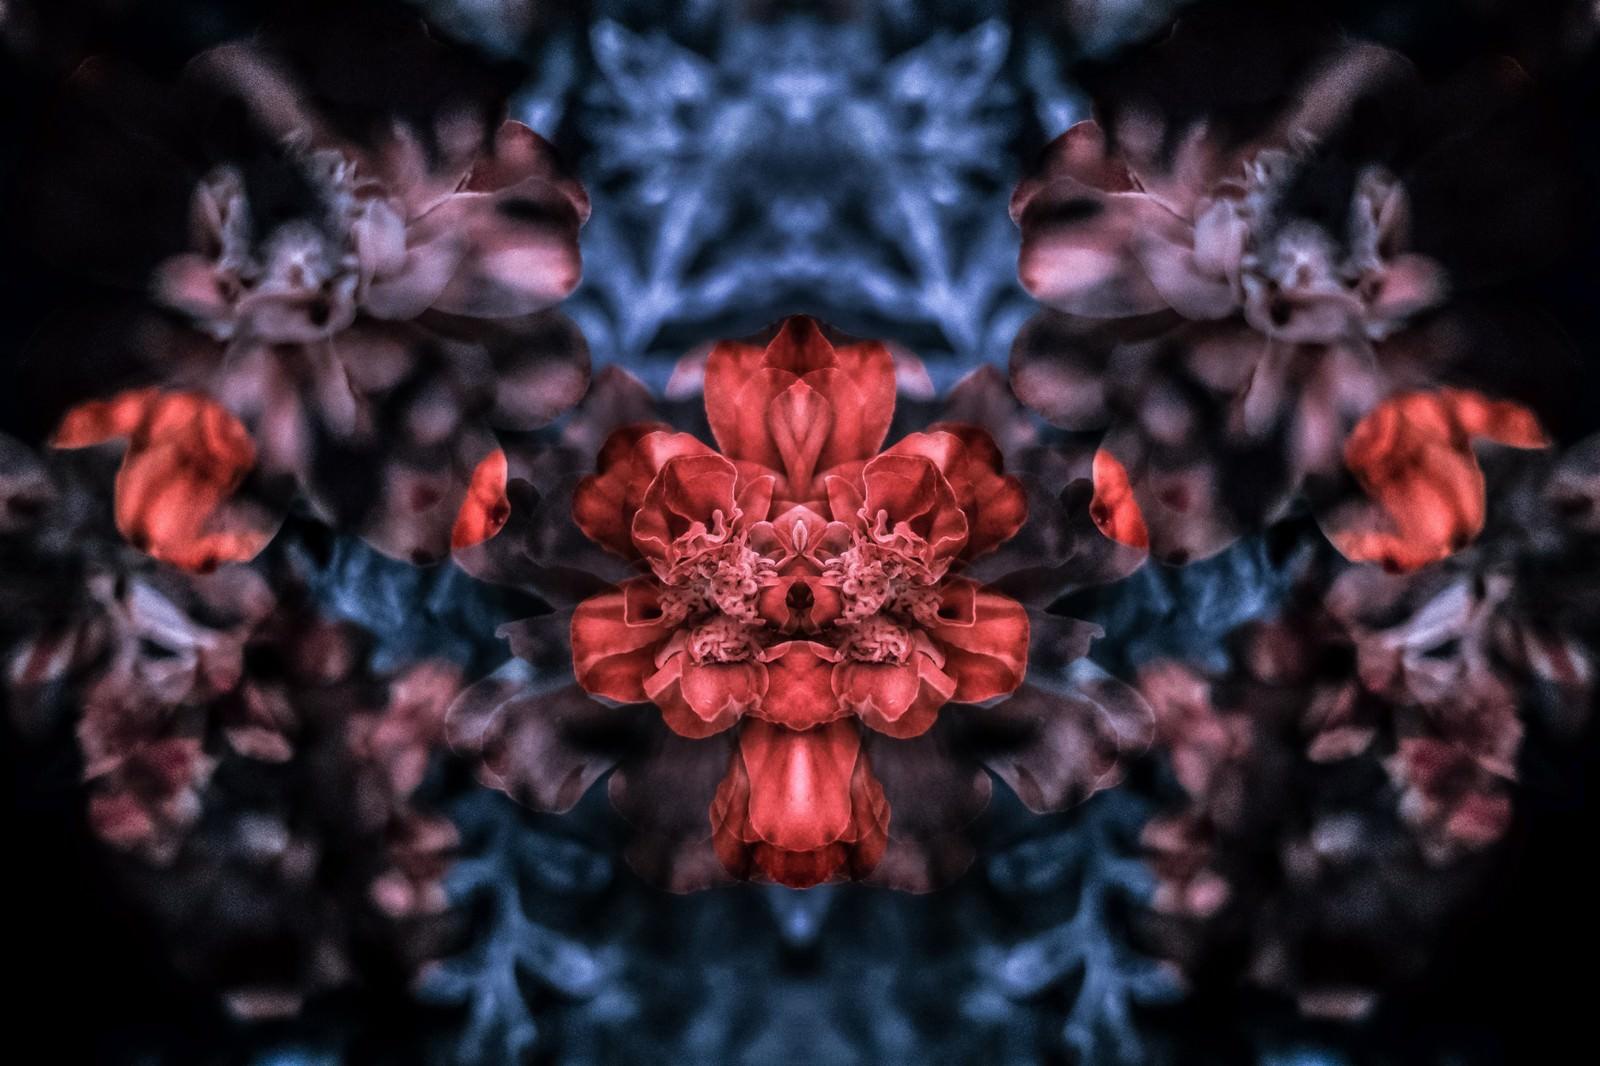 「重なる花々重なる花々」のフリー写真素材を拡大